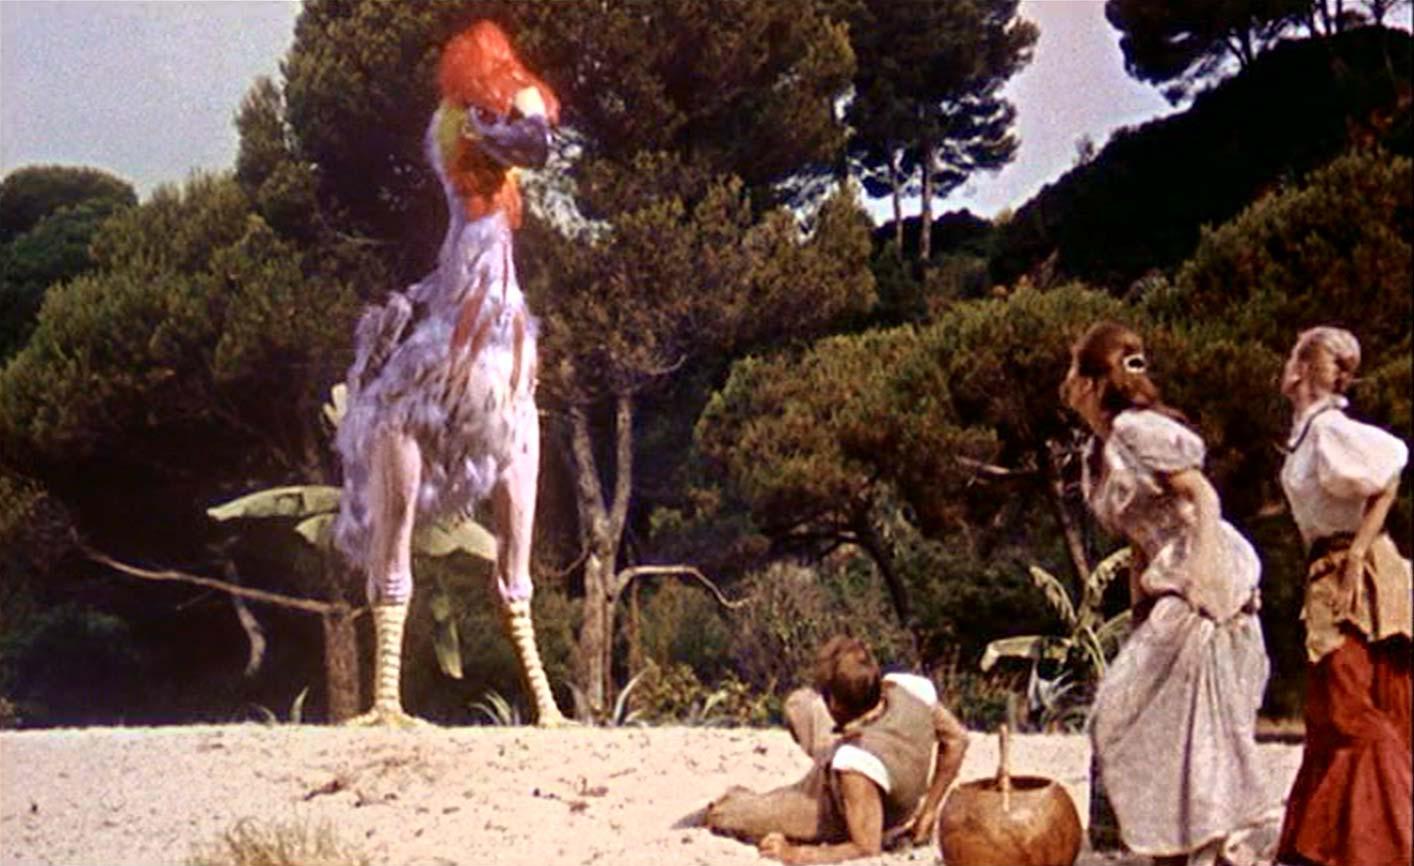 terror_bird_1961_01.jpg